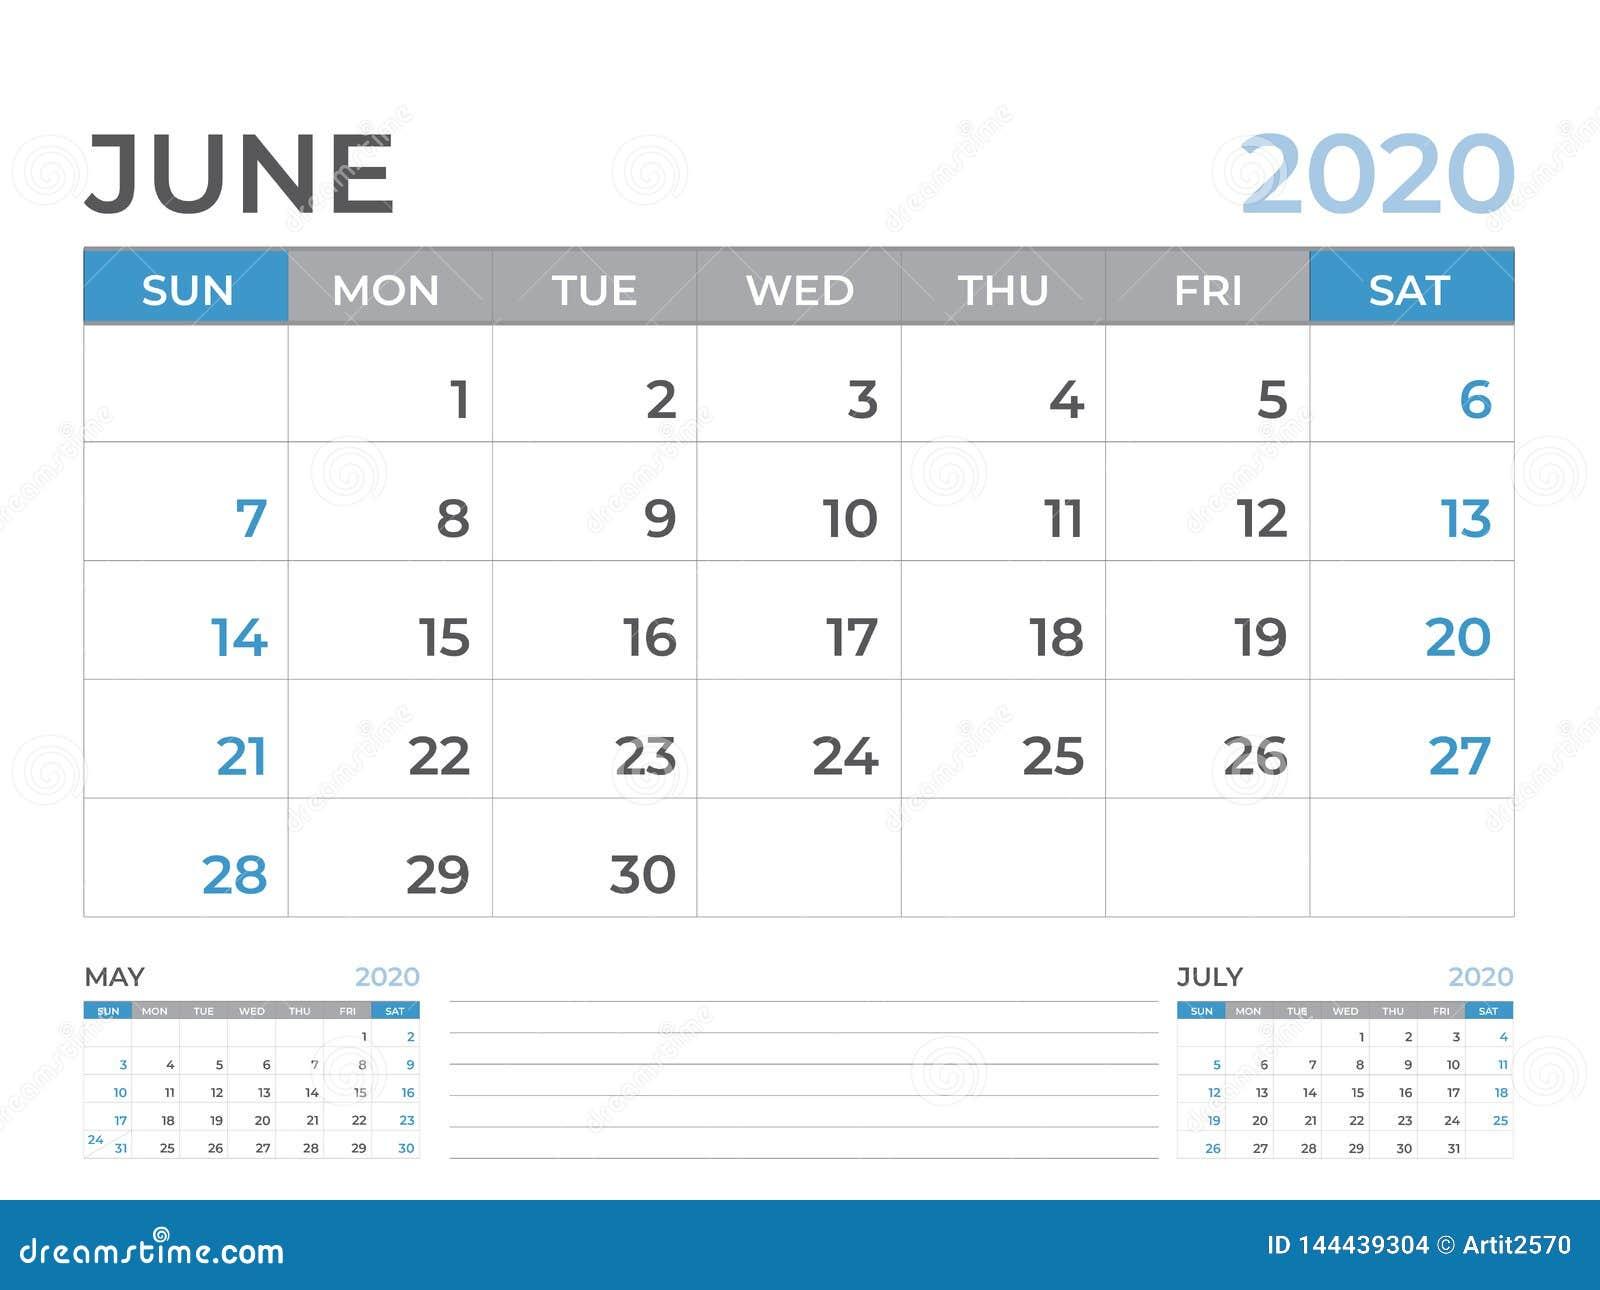 Juni 2020 Kalenderschablone, Tischkalender-Plan Größe 8 x 6 Zoll, Planerentwurf, Wochenanfänge am Sonntag, Briefpapierentwurf